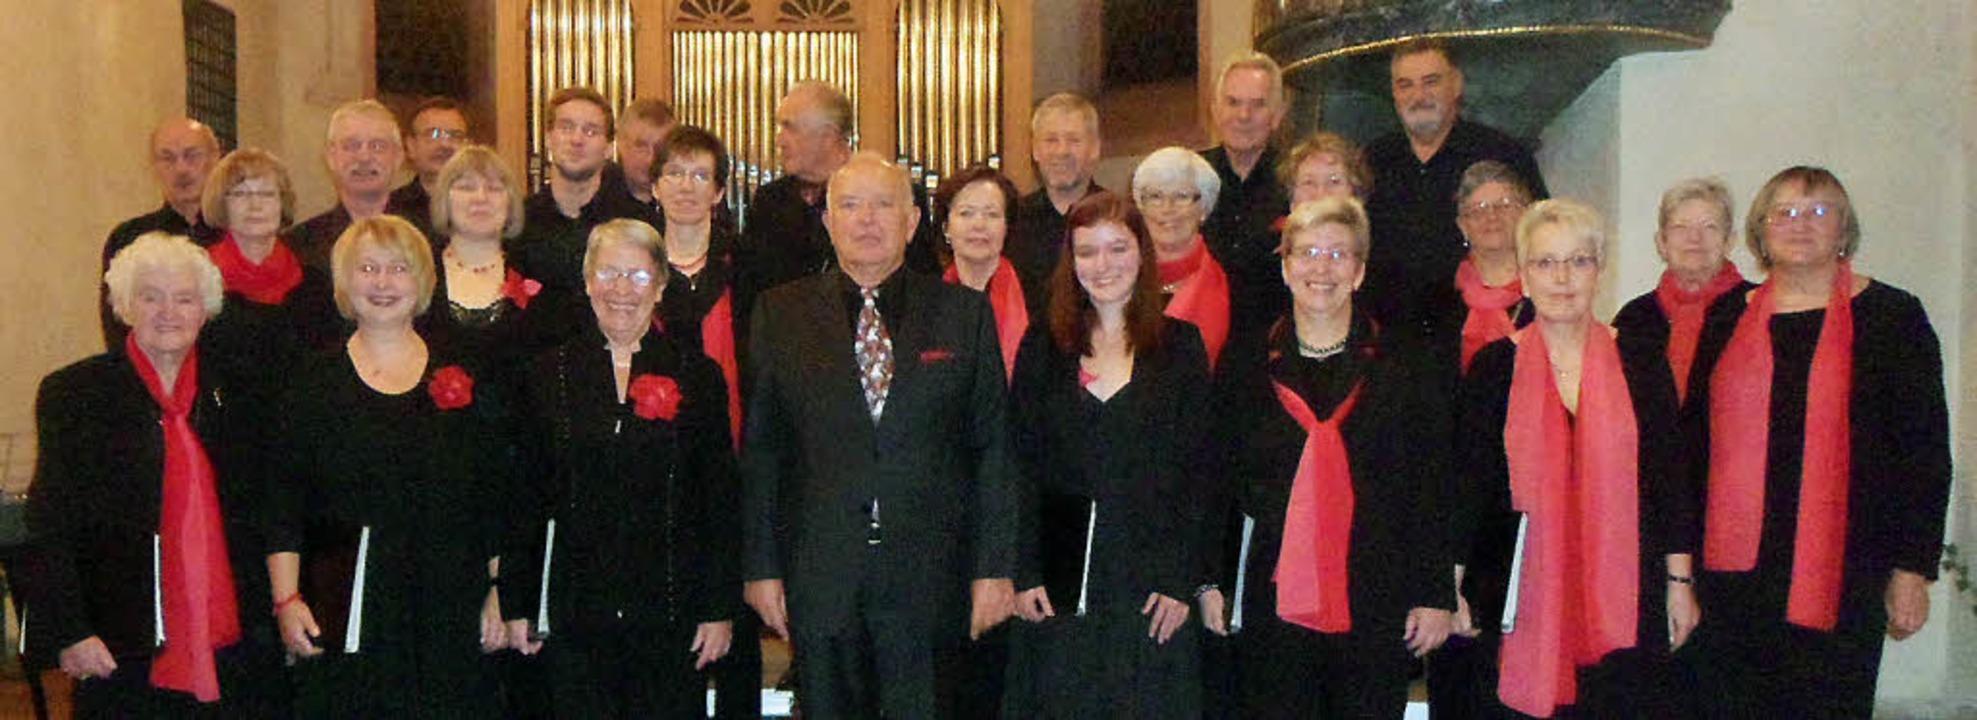 Berthold Brenneis (Mitte vorn) und der...gverein Feldberg beim Kirchenkonzert.   | Foto: Bianca Flier